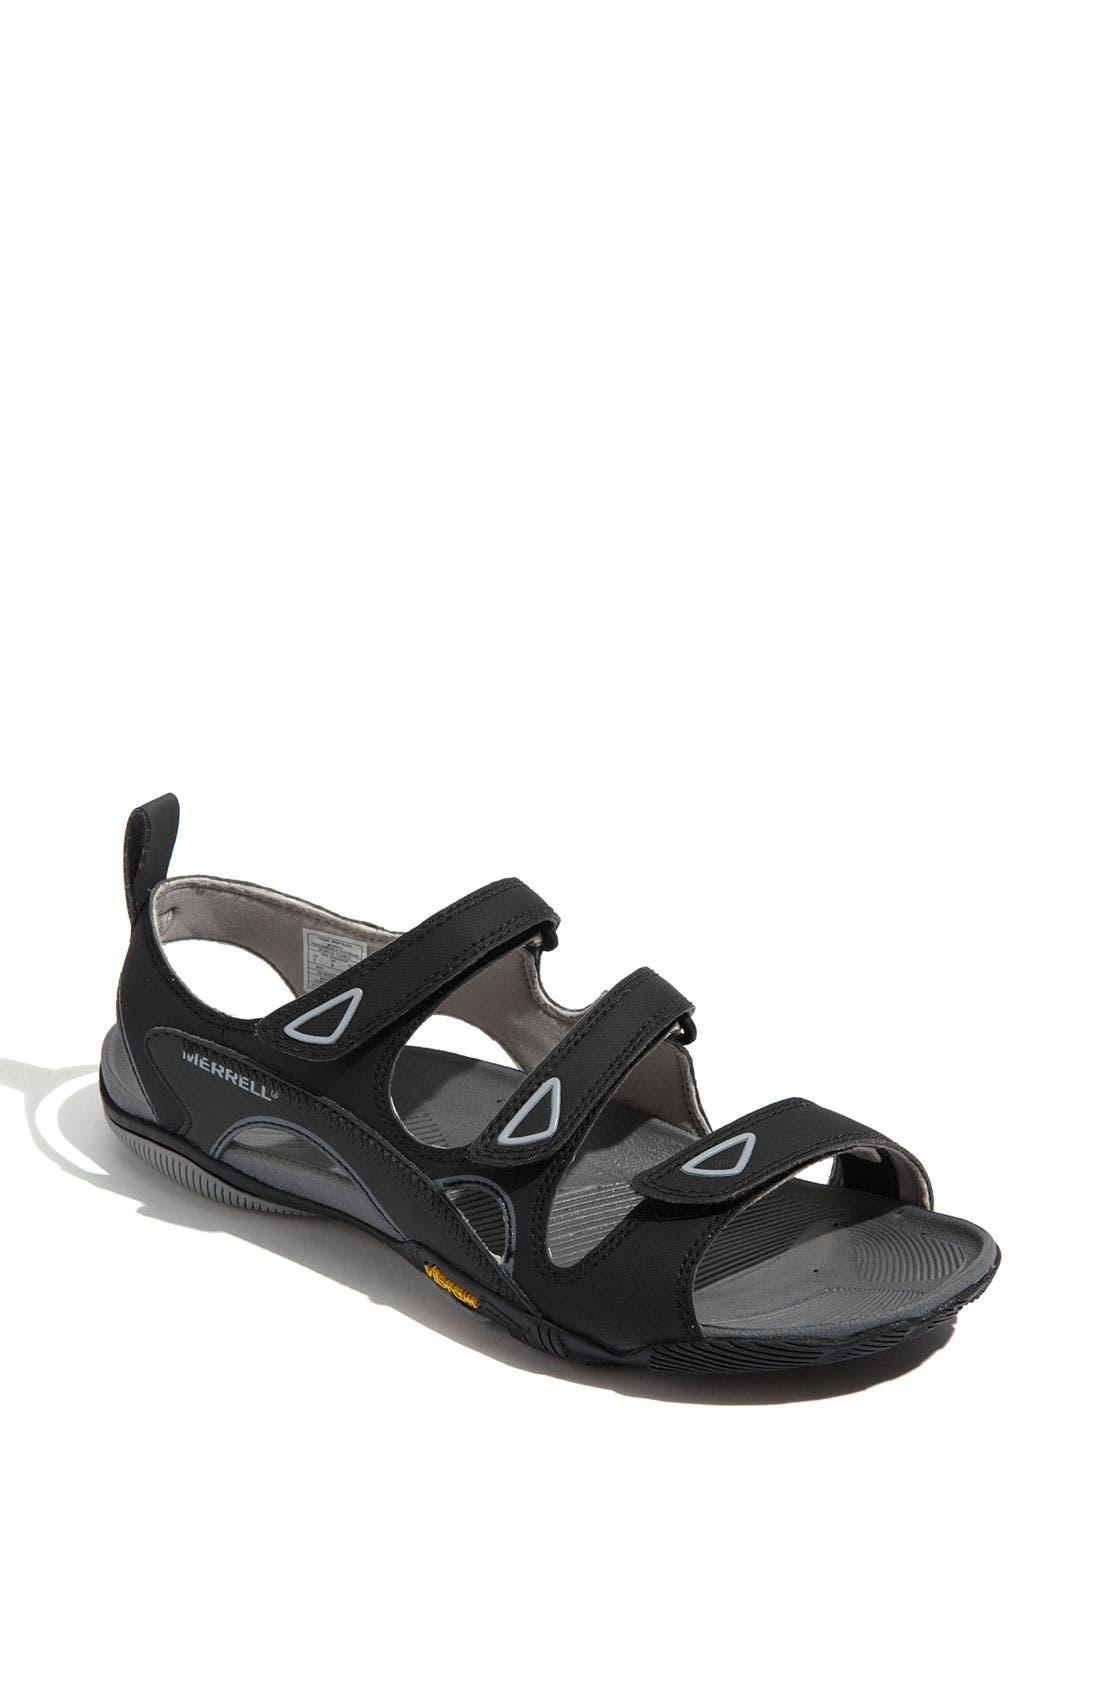 Main Image - Merrell 'Pipdae' Water Sandal